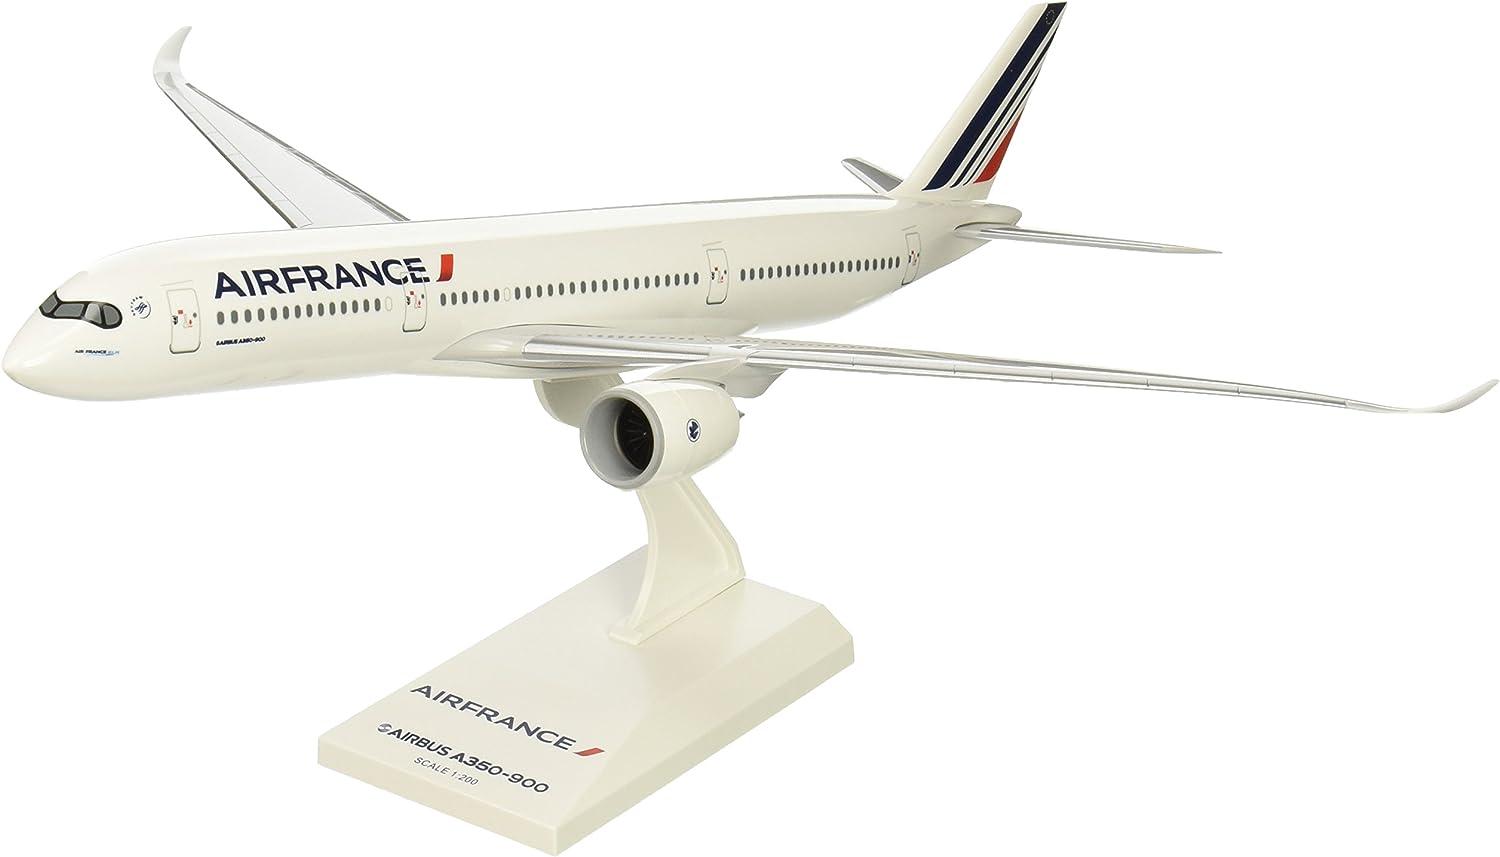 Unbekannt Skymarks skr893 Air France A350 Kunststoff Modell B01IJW2W8I Verrückter Preis  | Erste Qualität